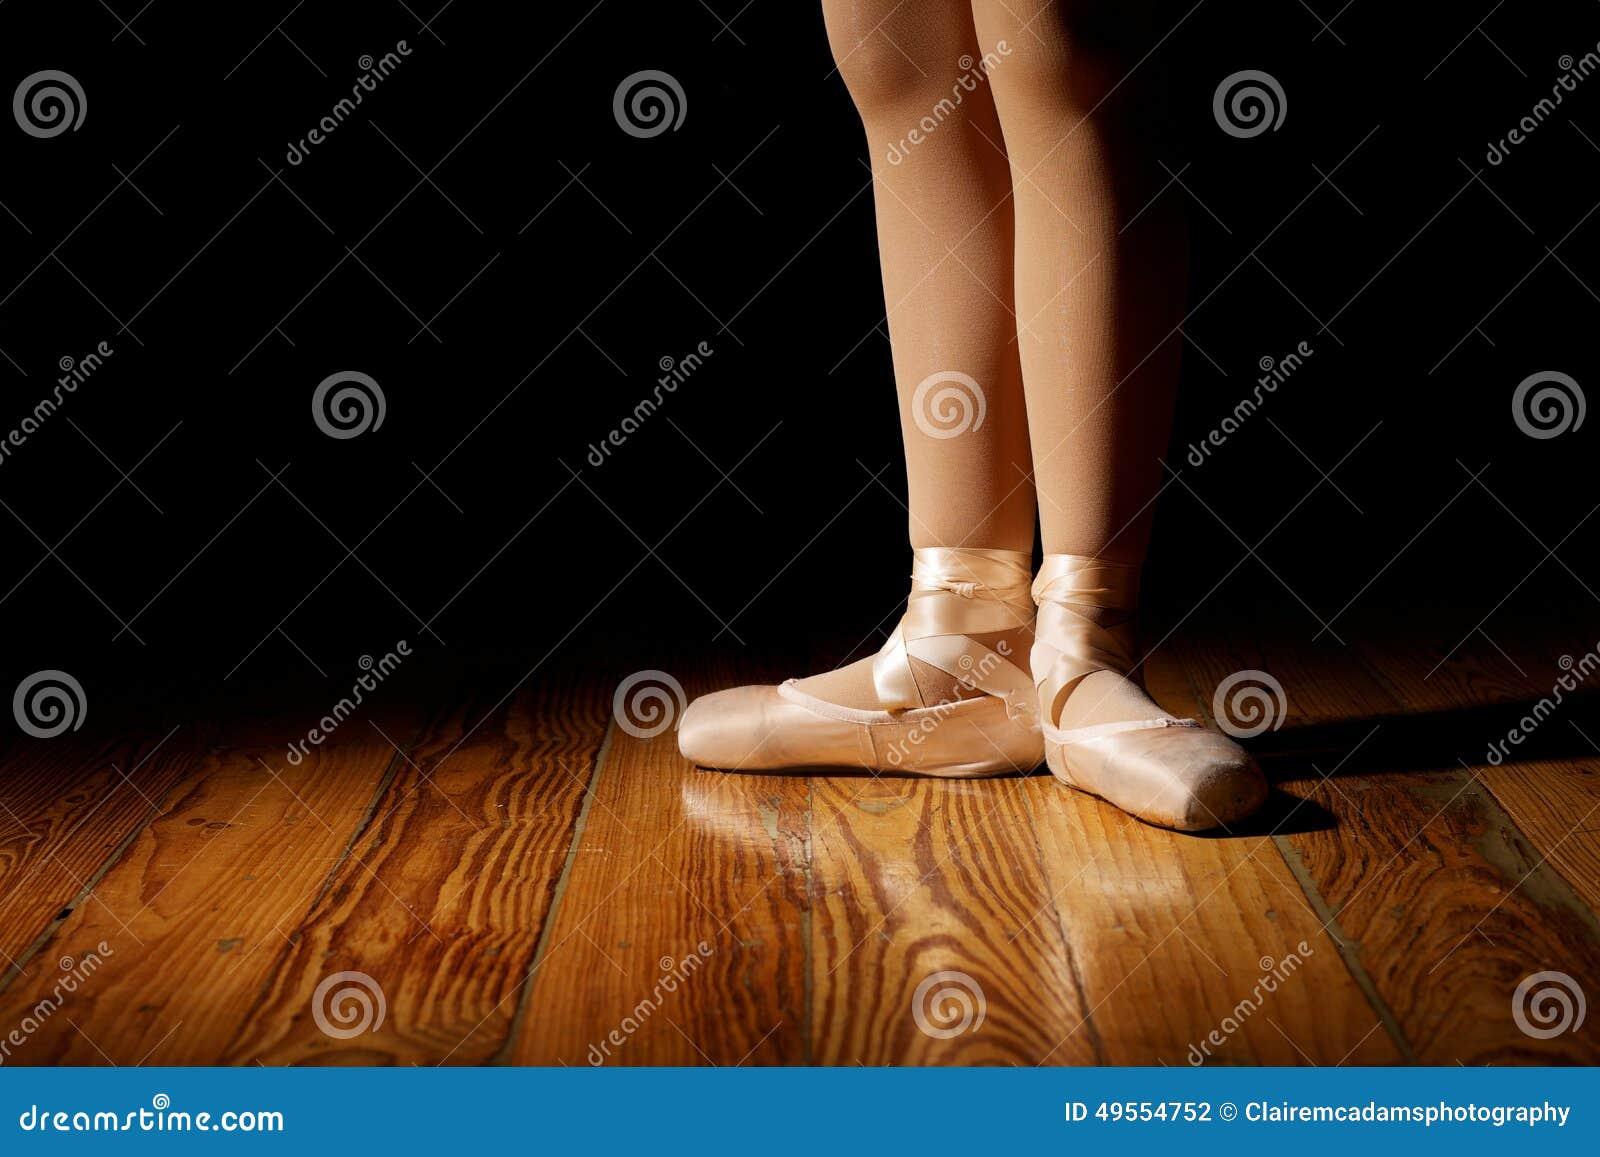 Ballerina Feet in First